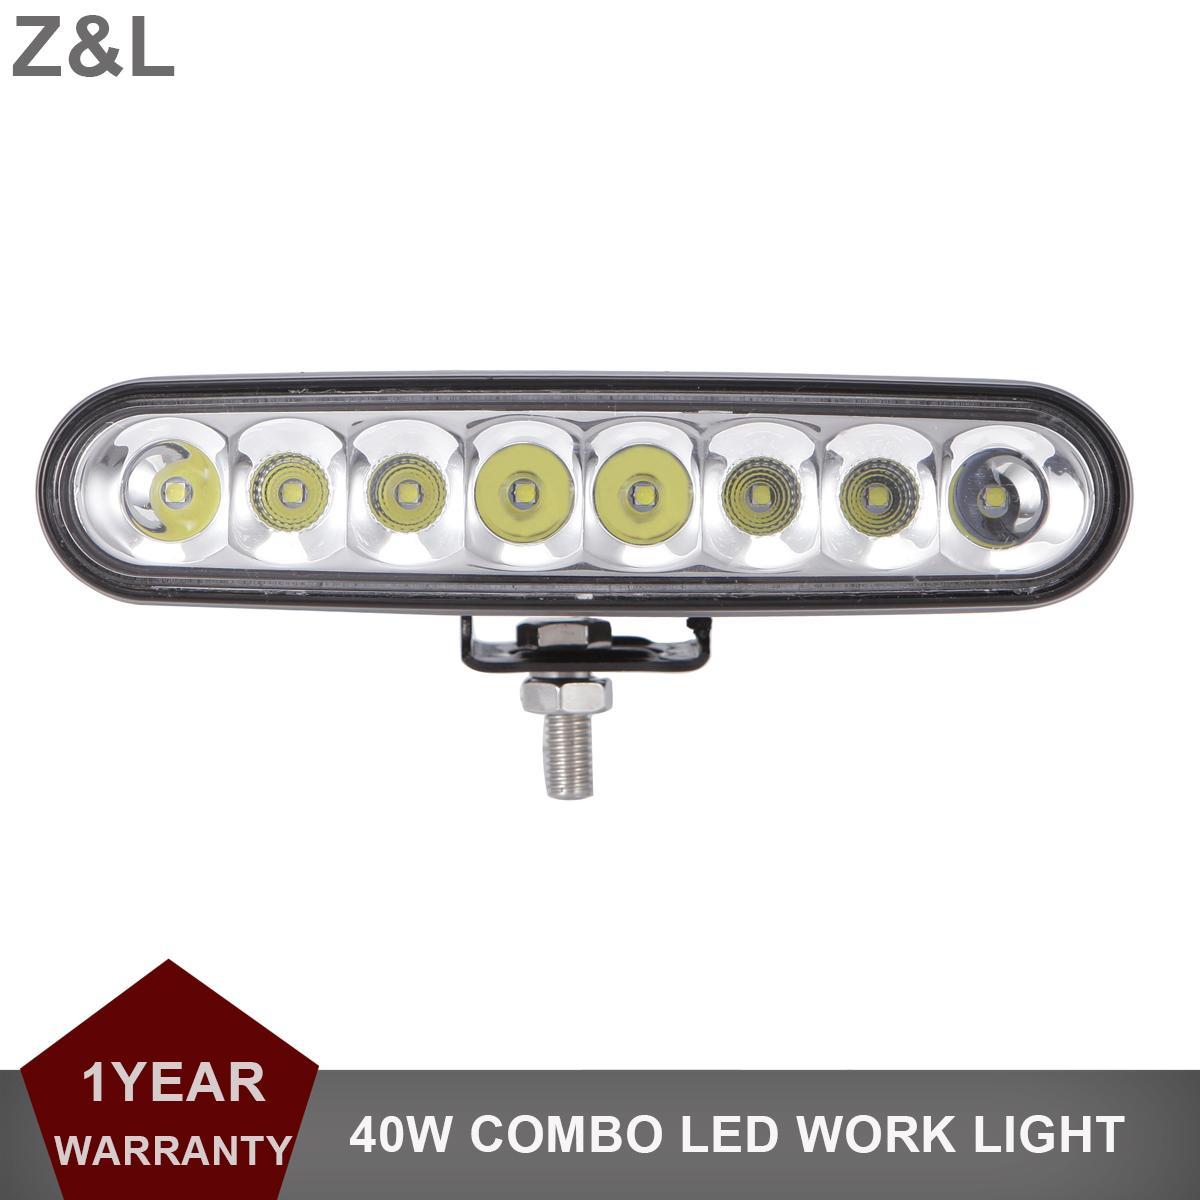 24W 6.5inch del lavoro del LED barra chiara SUV auto camion rimorchio Wagon DRL Pickup 4x4 Moto 4WD Combo 12V 24V fendinebbia guidare il faro